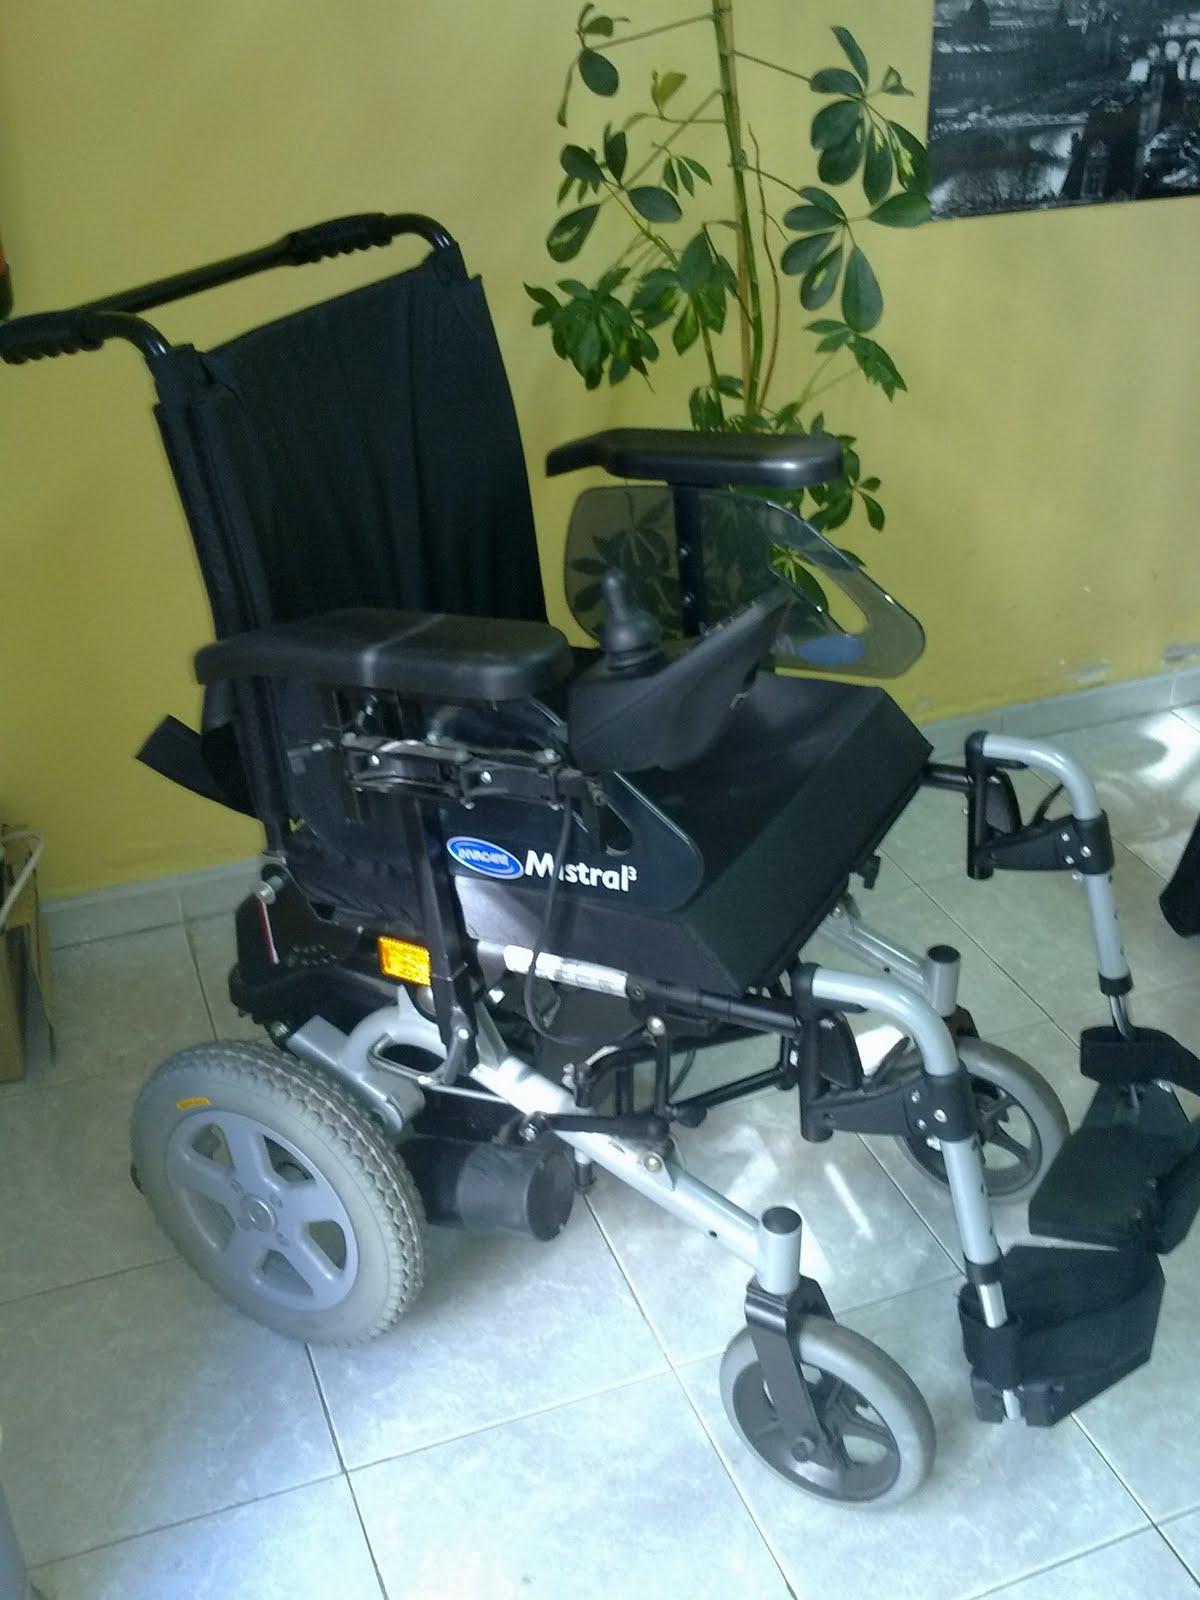 Os anxos se vende silla de ruedas el ctrica segunda mano a coru a - Silla de ruedas electrica de segunda mano ...